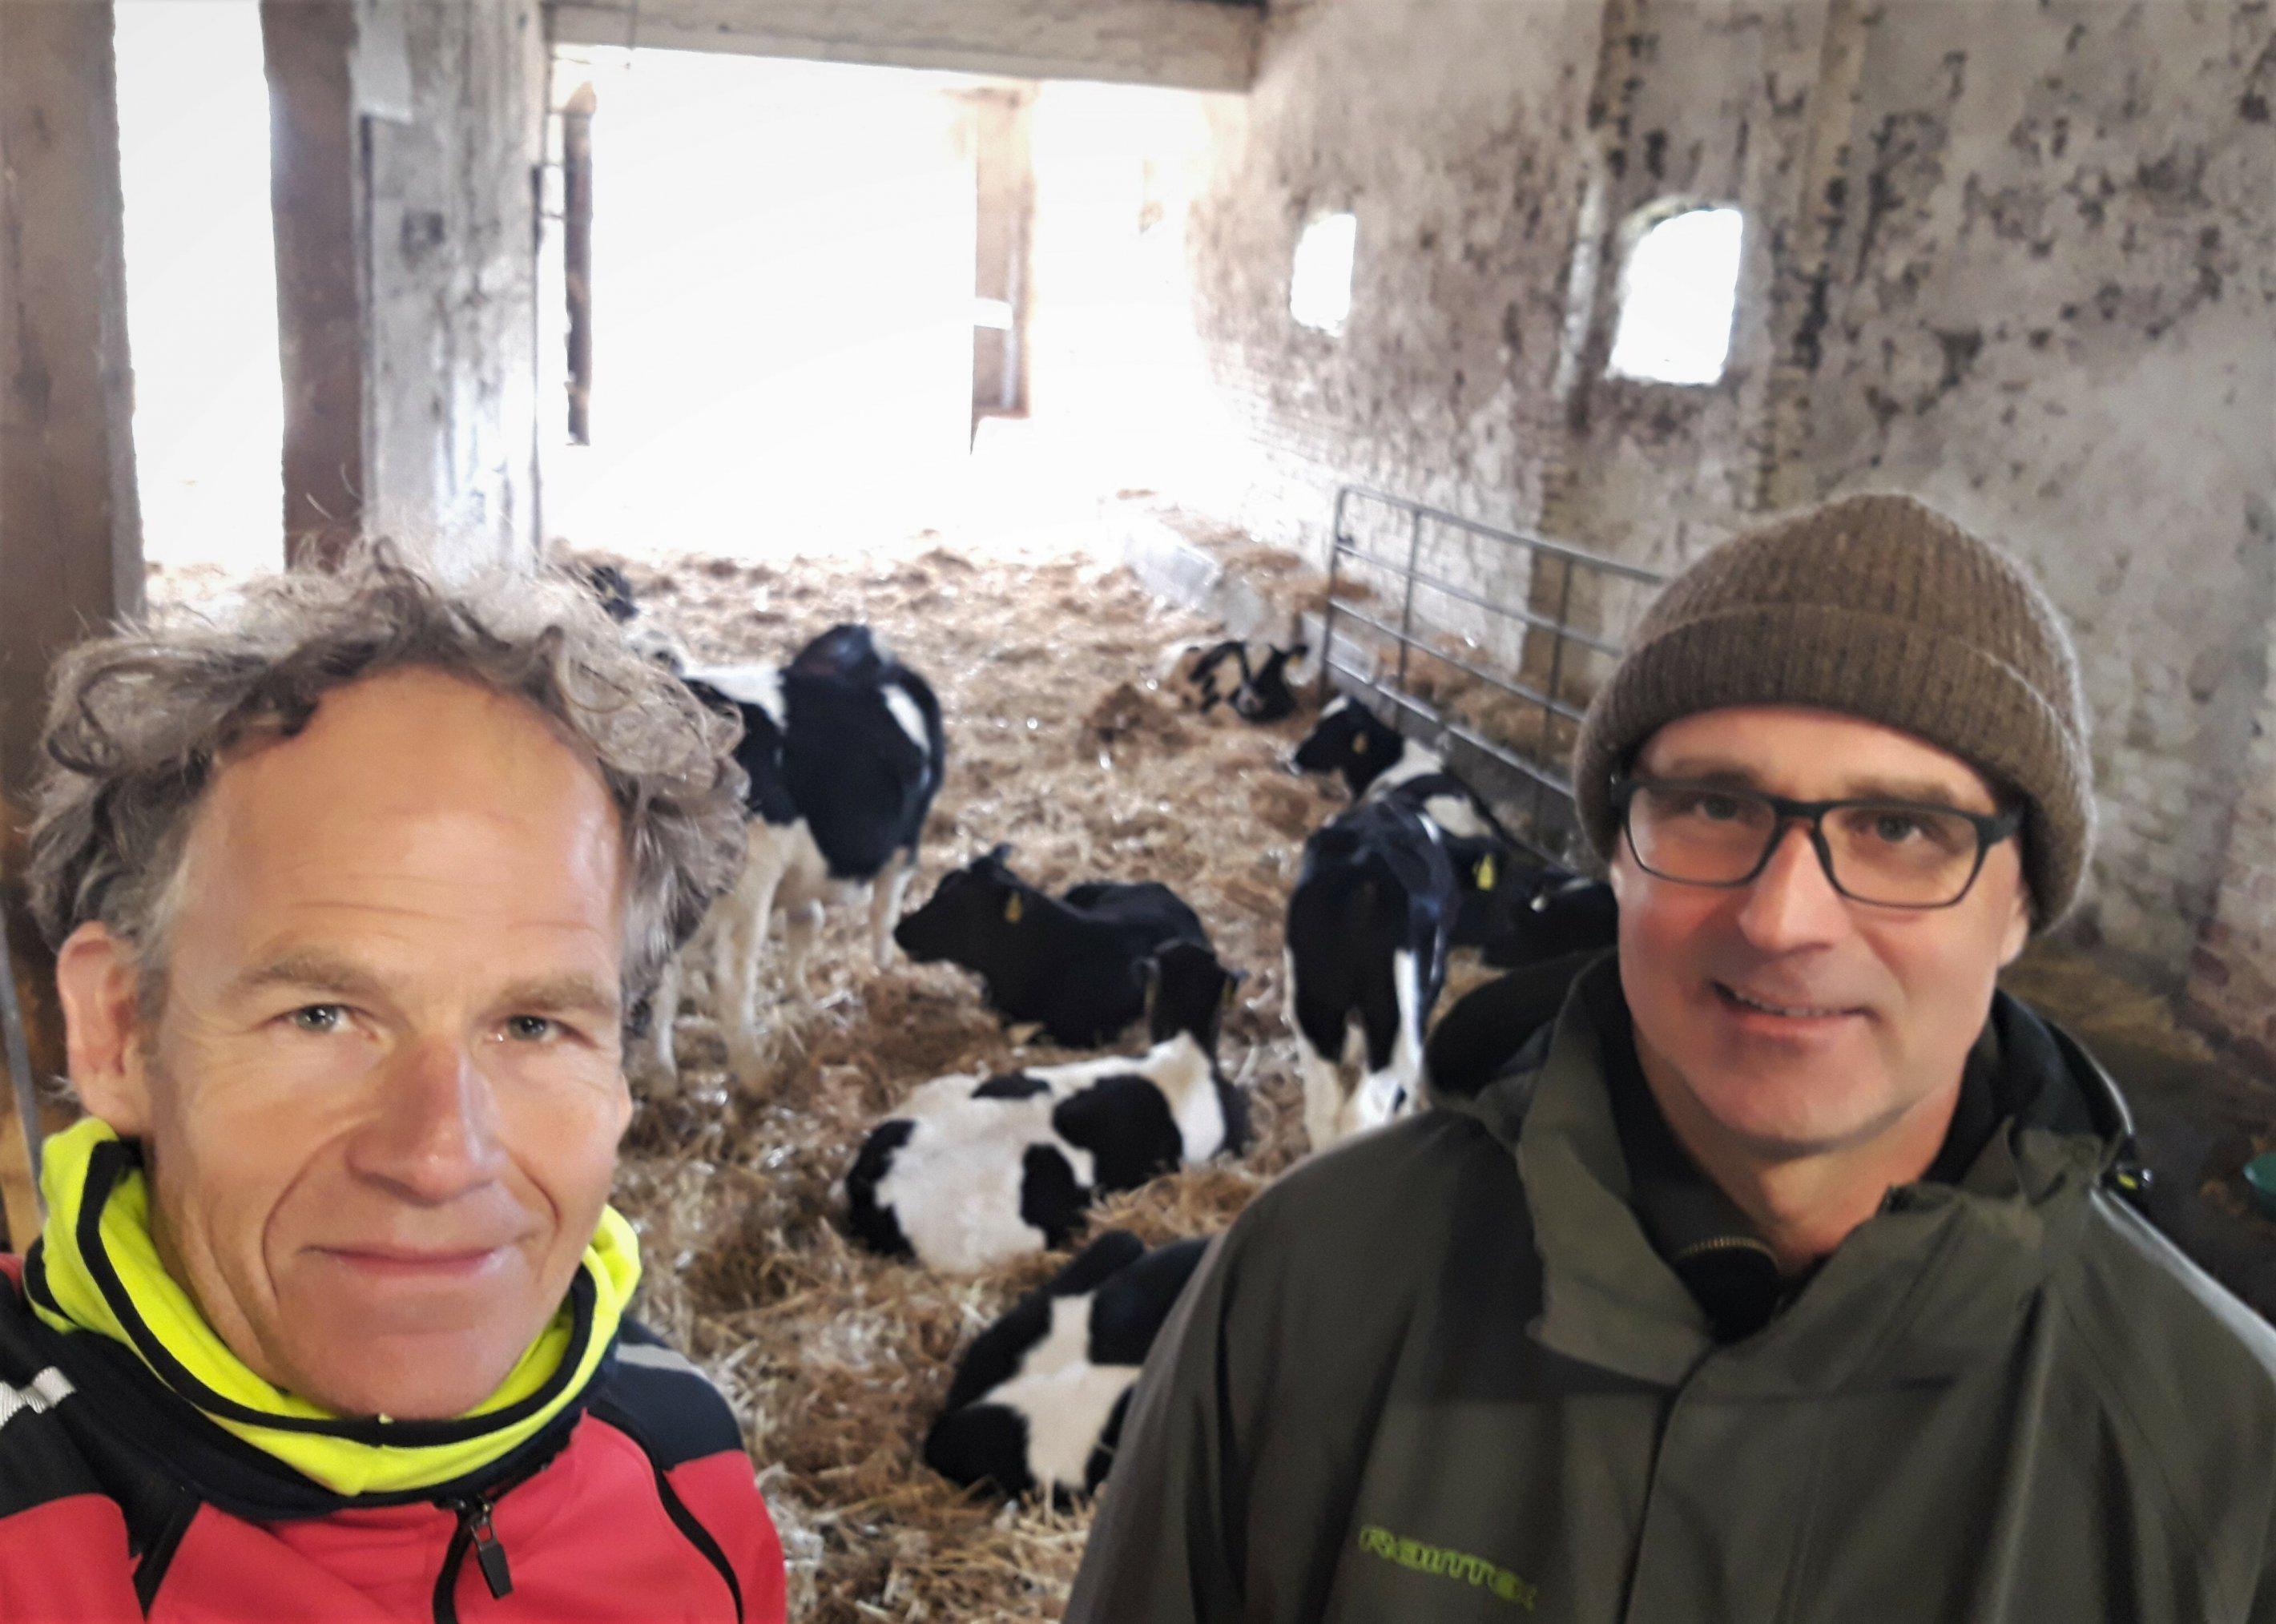 Der Landwirt und der RadelndeReporter äugen in die Kamera. Die meisten Kälber im Hintergrund ruhen auf der Strohunterlage.